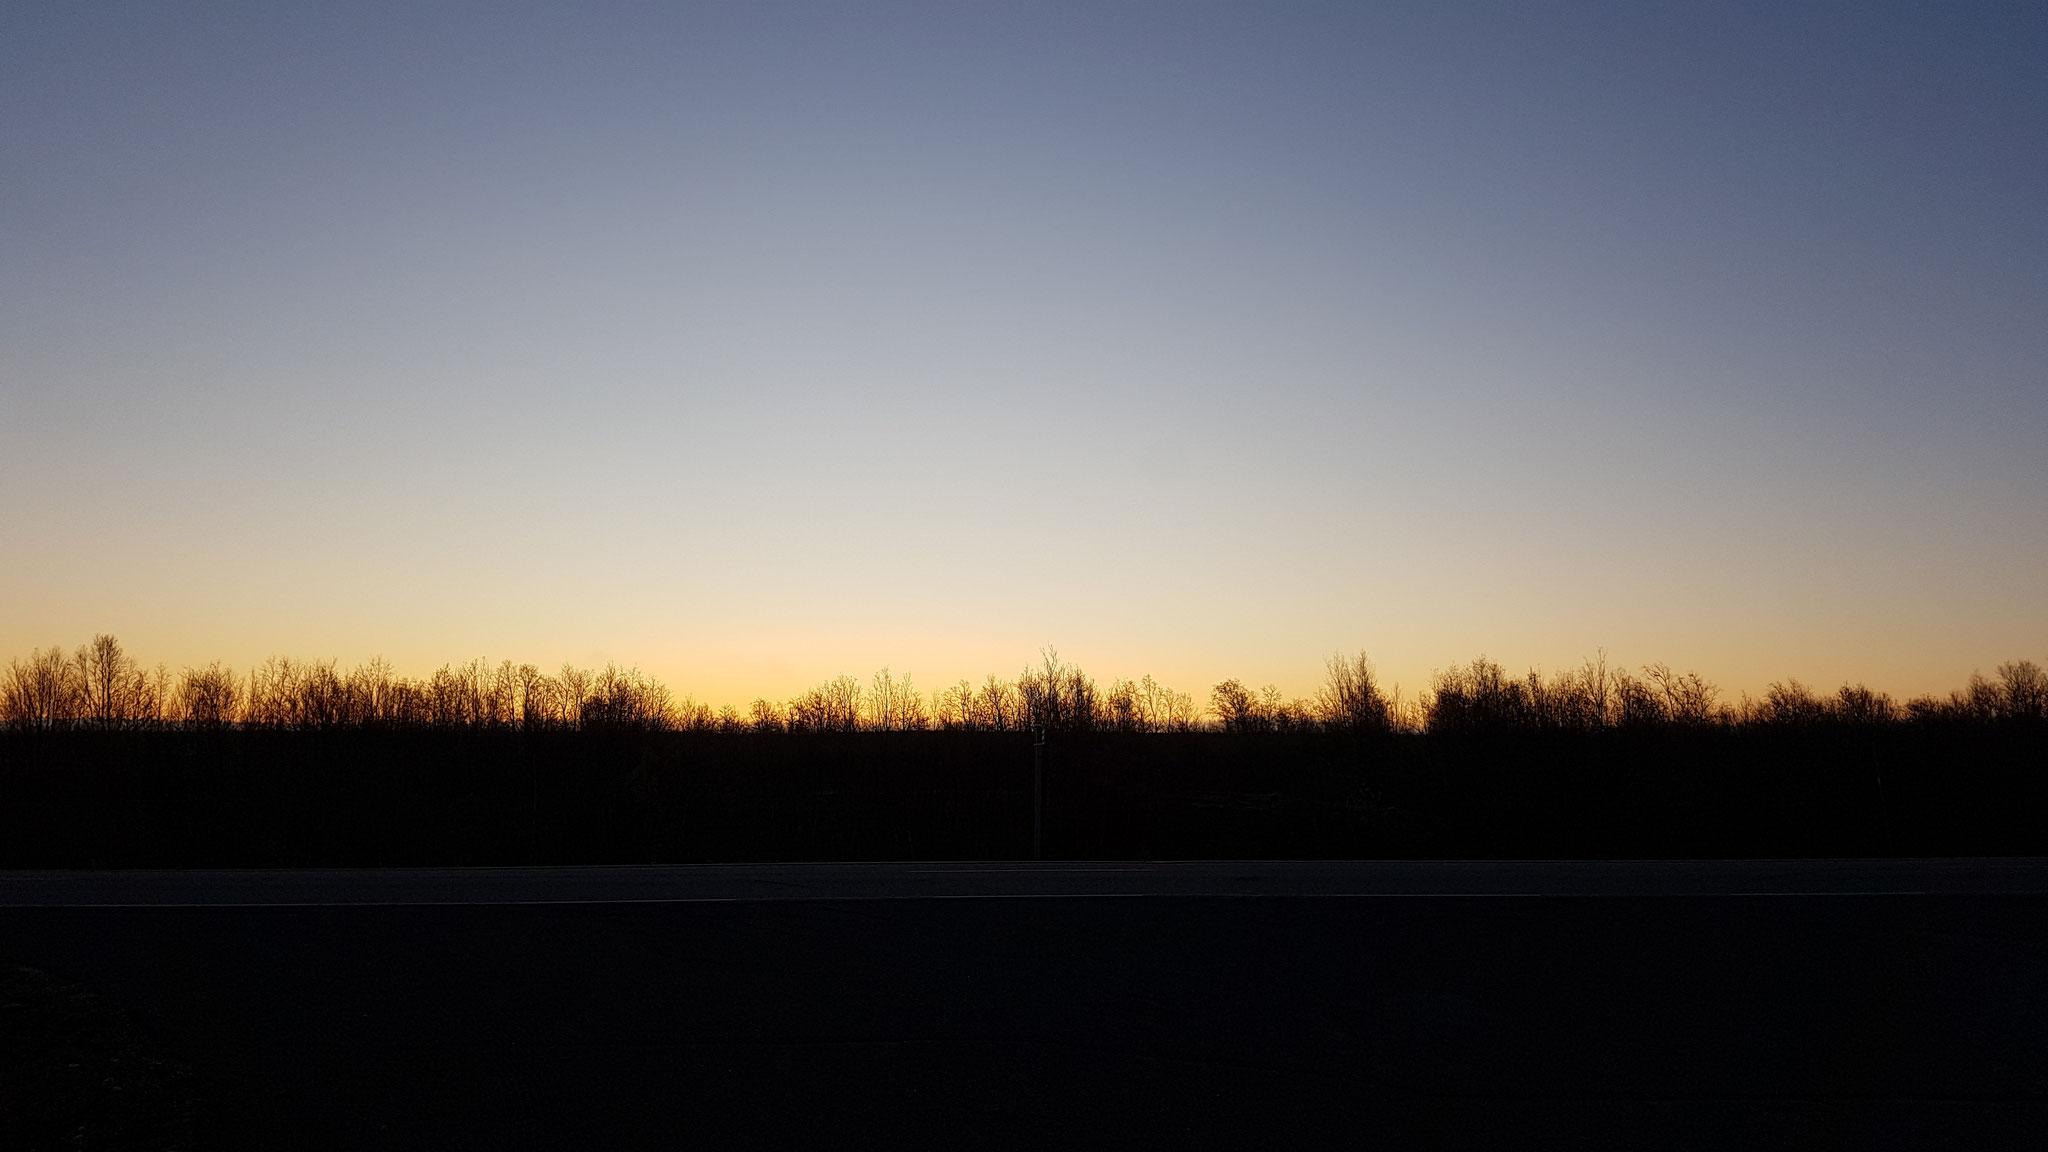 Wunderschön so ein Sonnenaufgang weit ab von allem